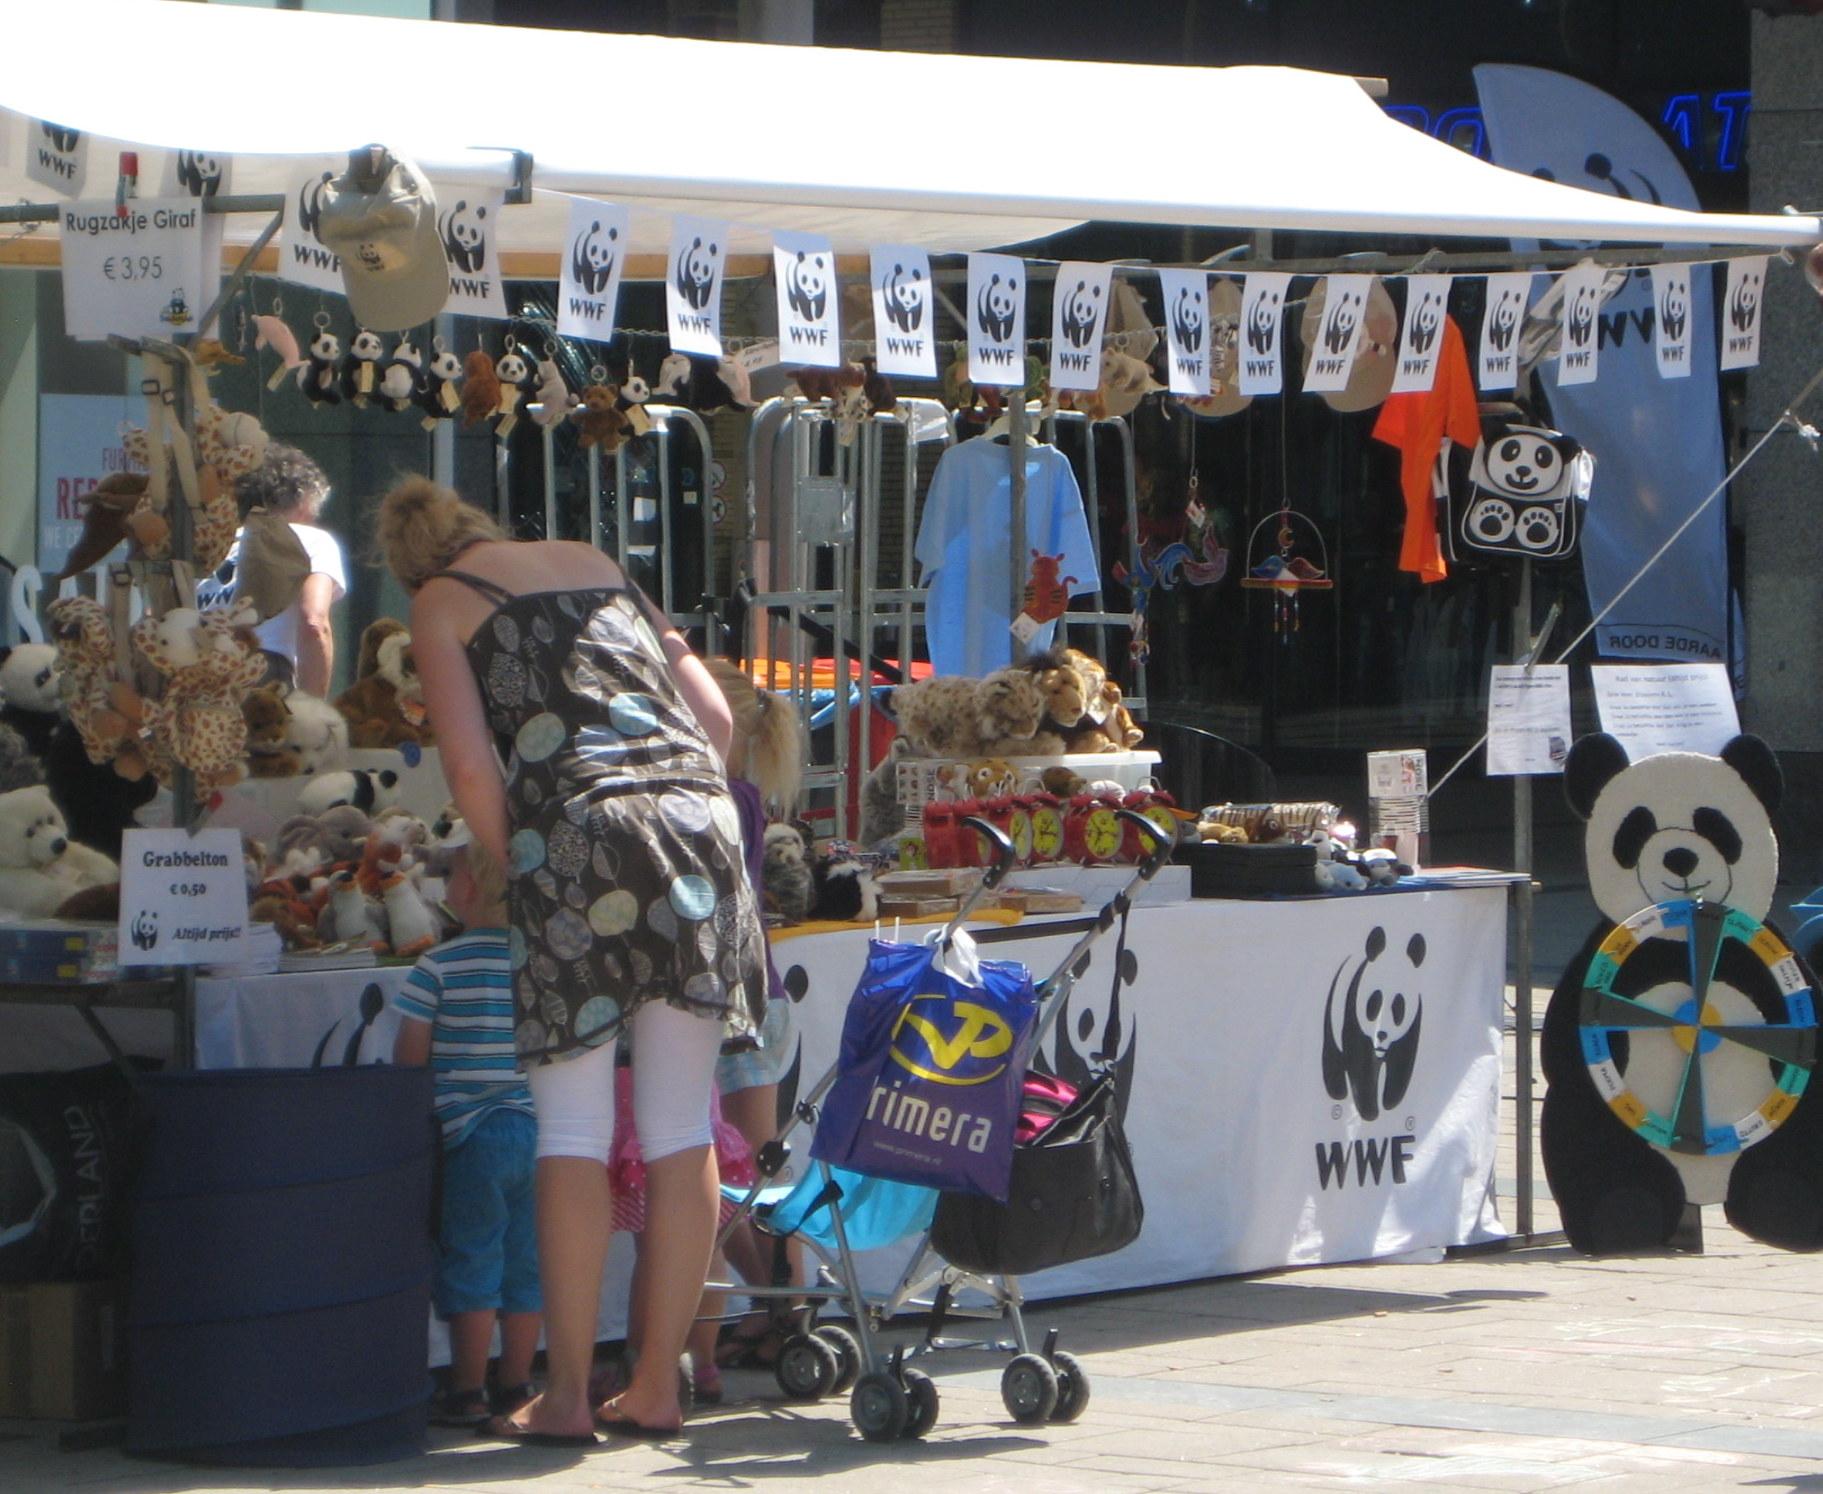 Kom zaterdag 3 mei ook naar de markt aan de Vaart NZ in Assen en bezoek de WNF-kraam!